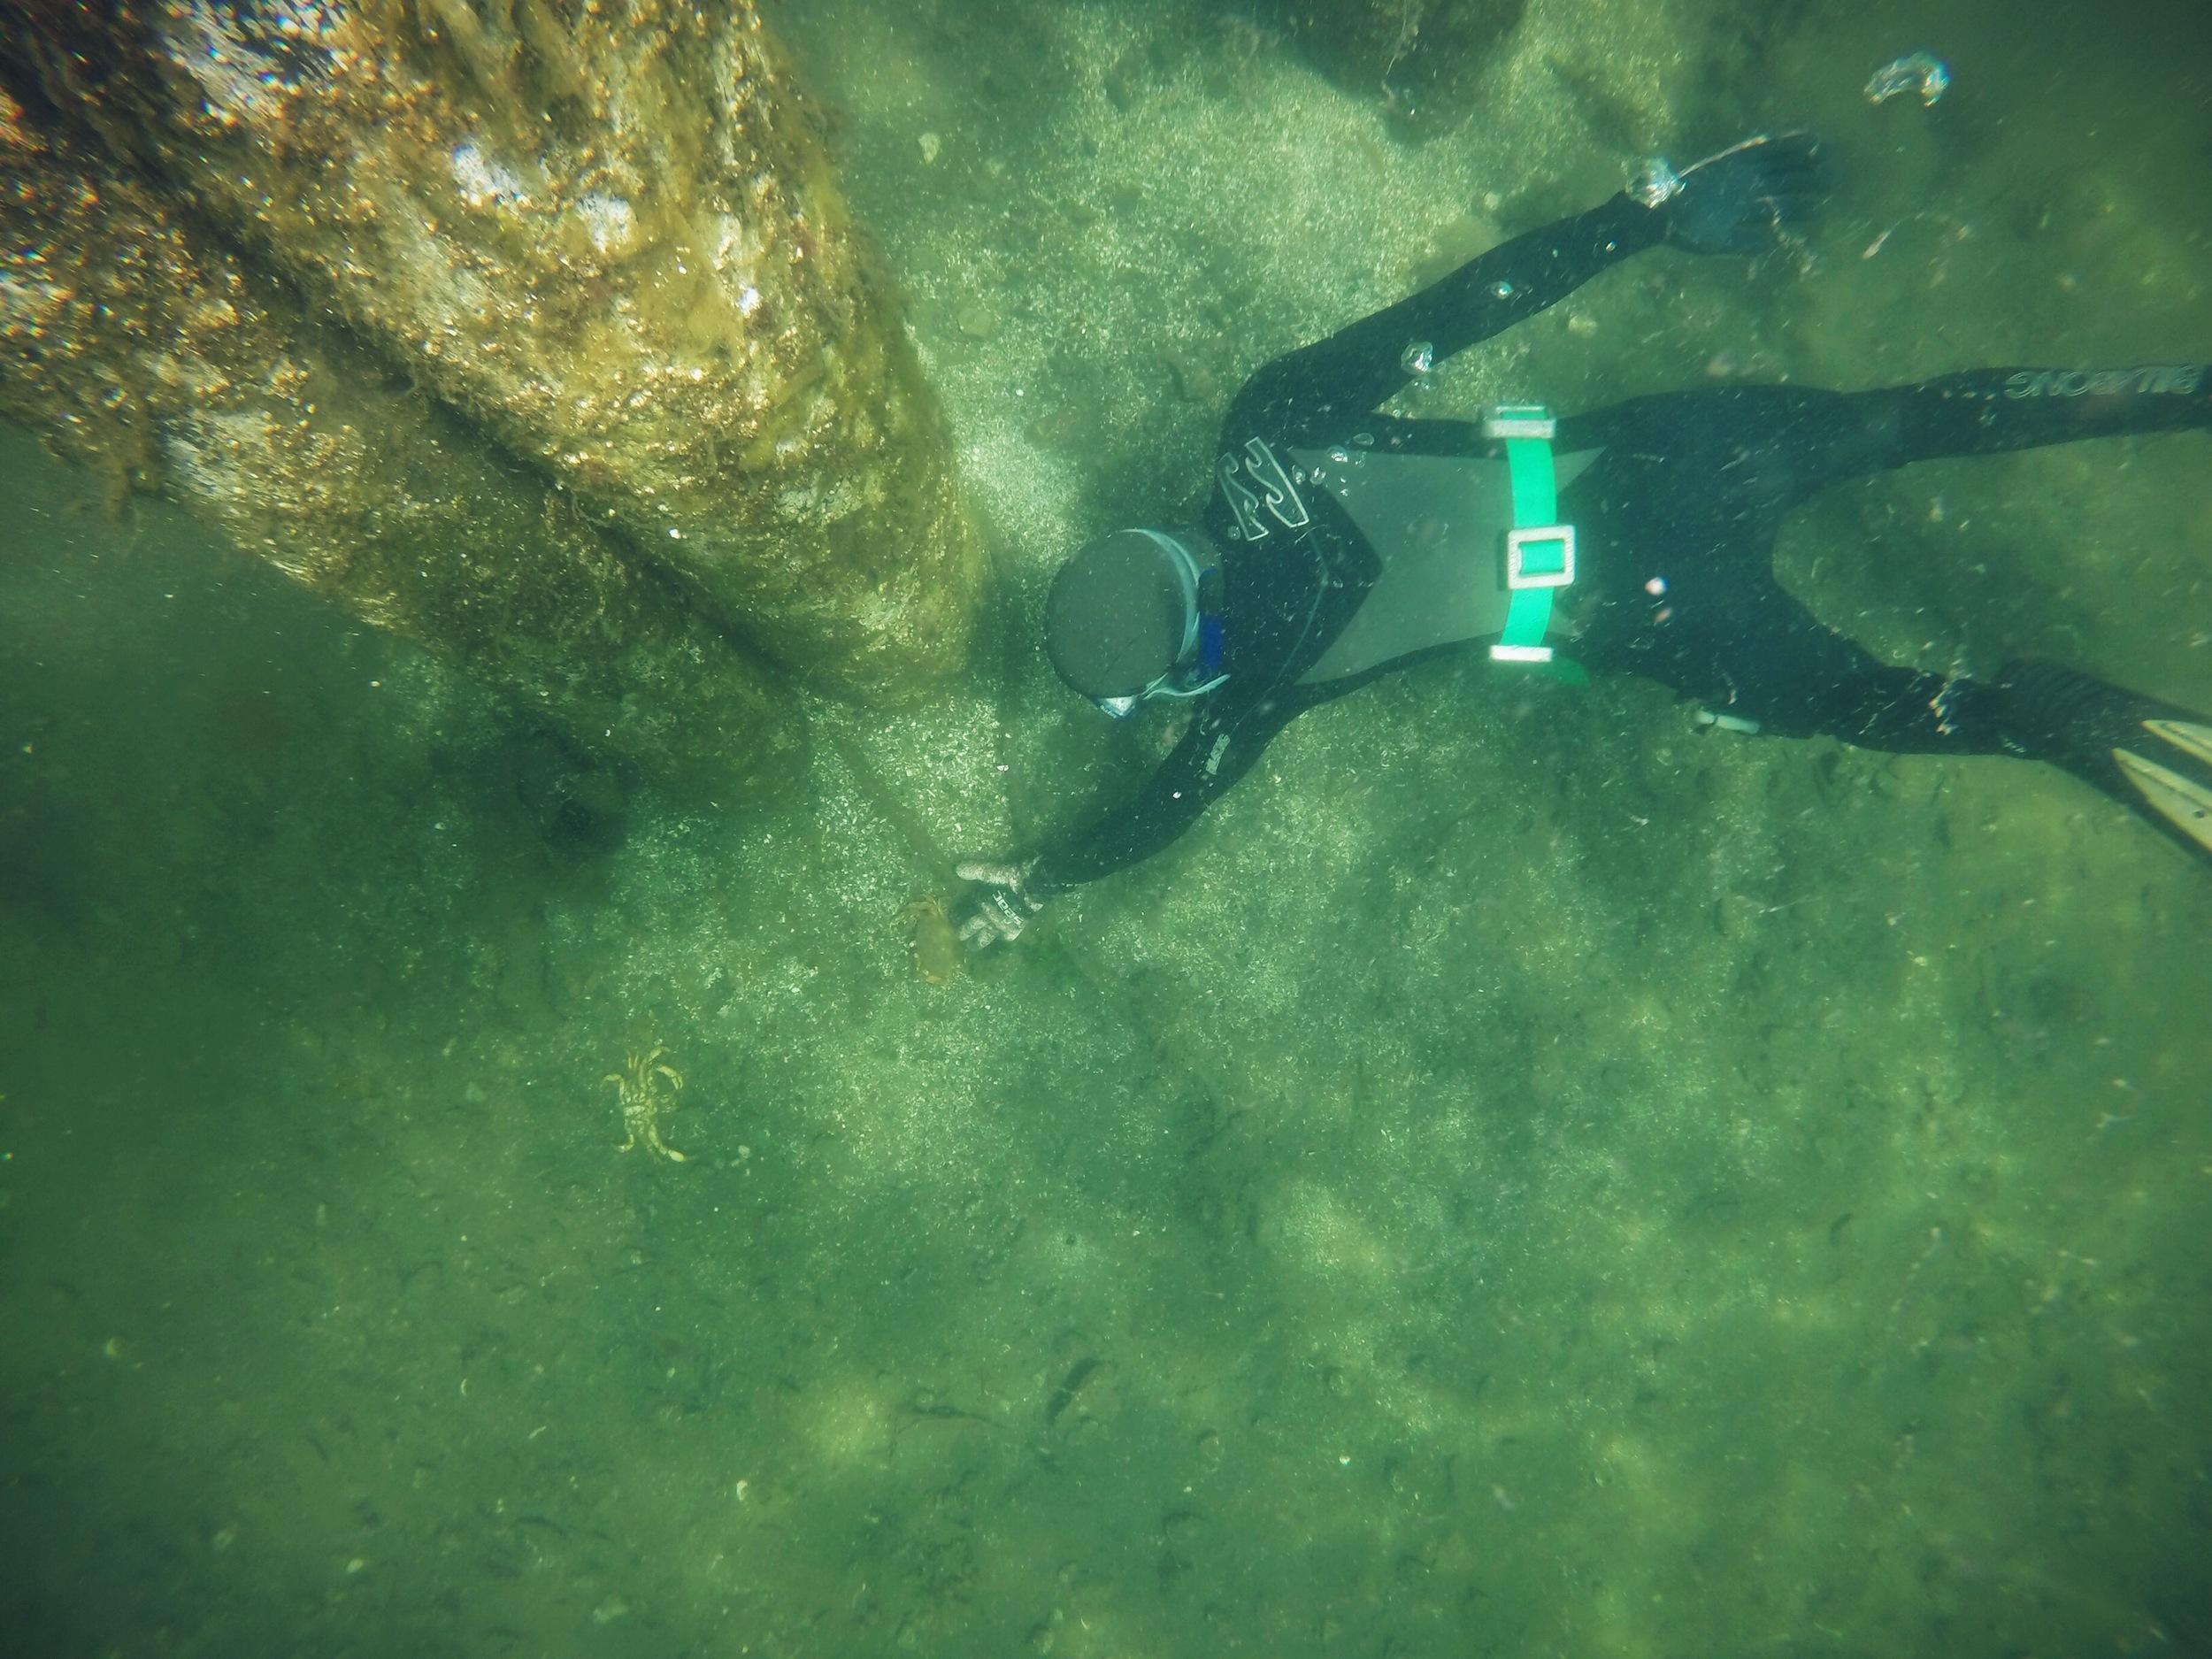 Freediving Amelia Wachtin